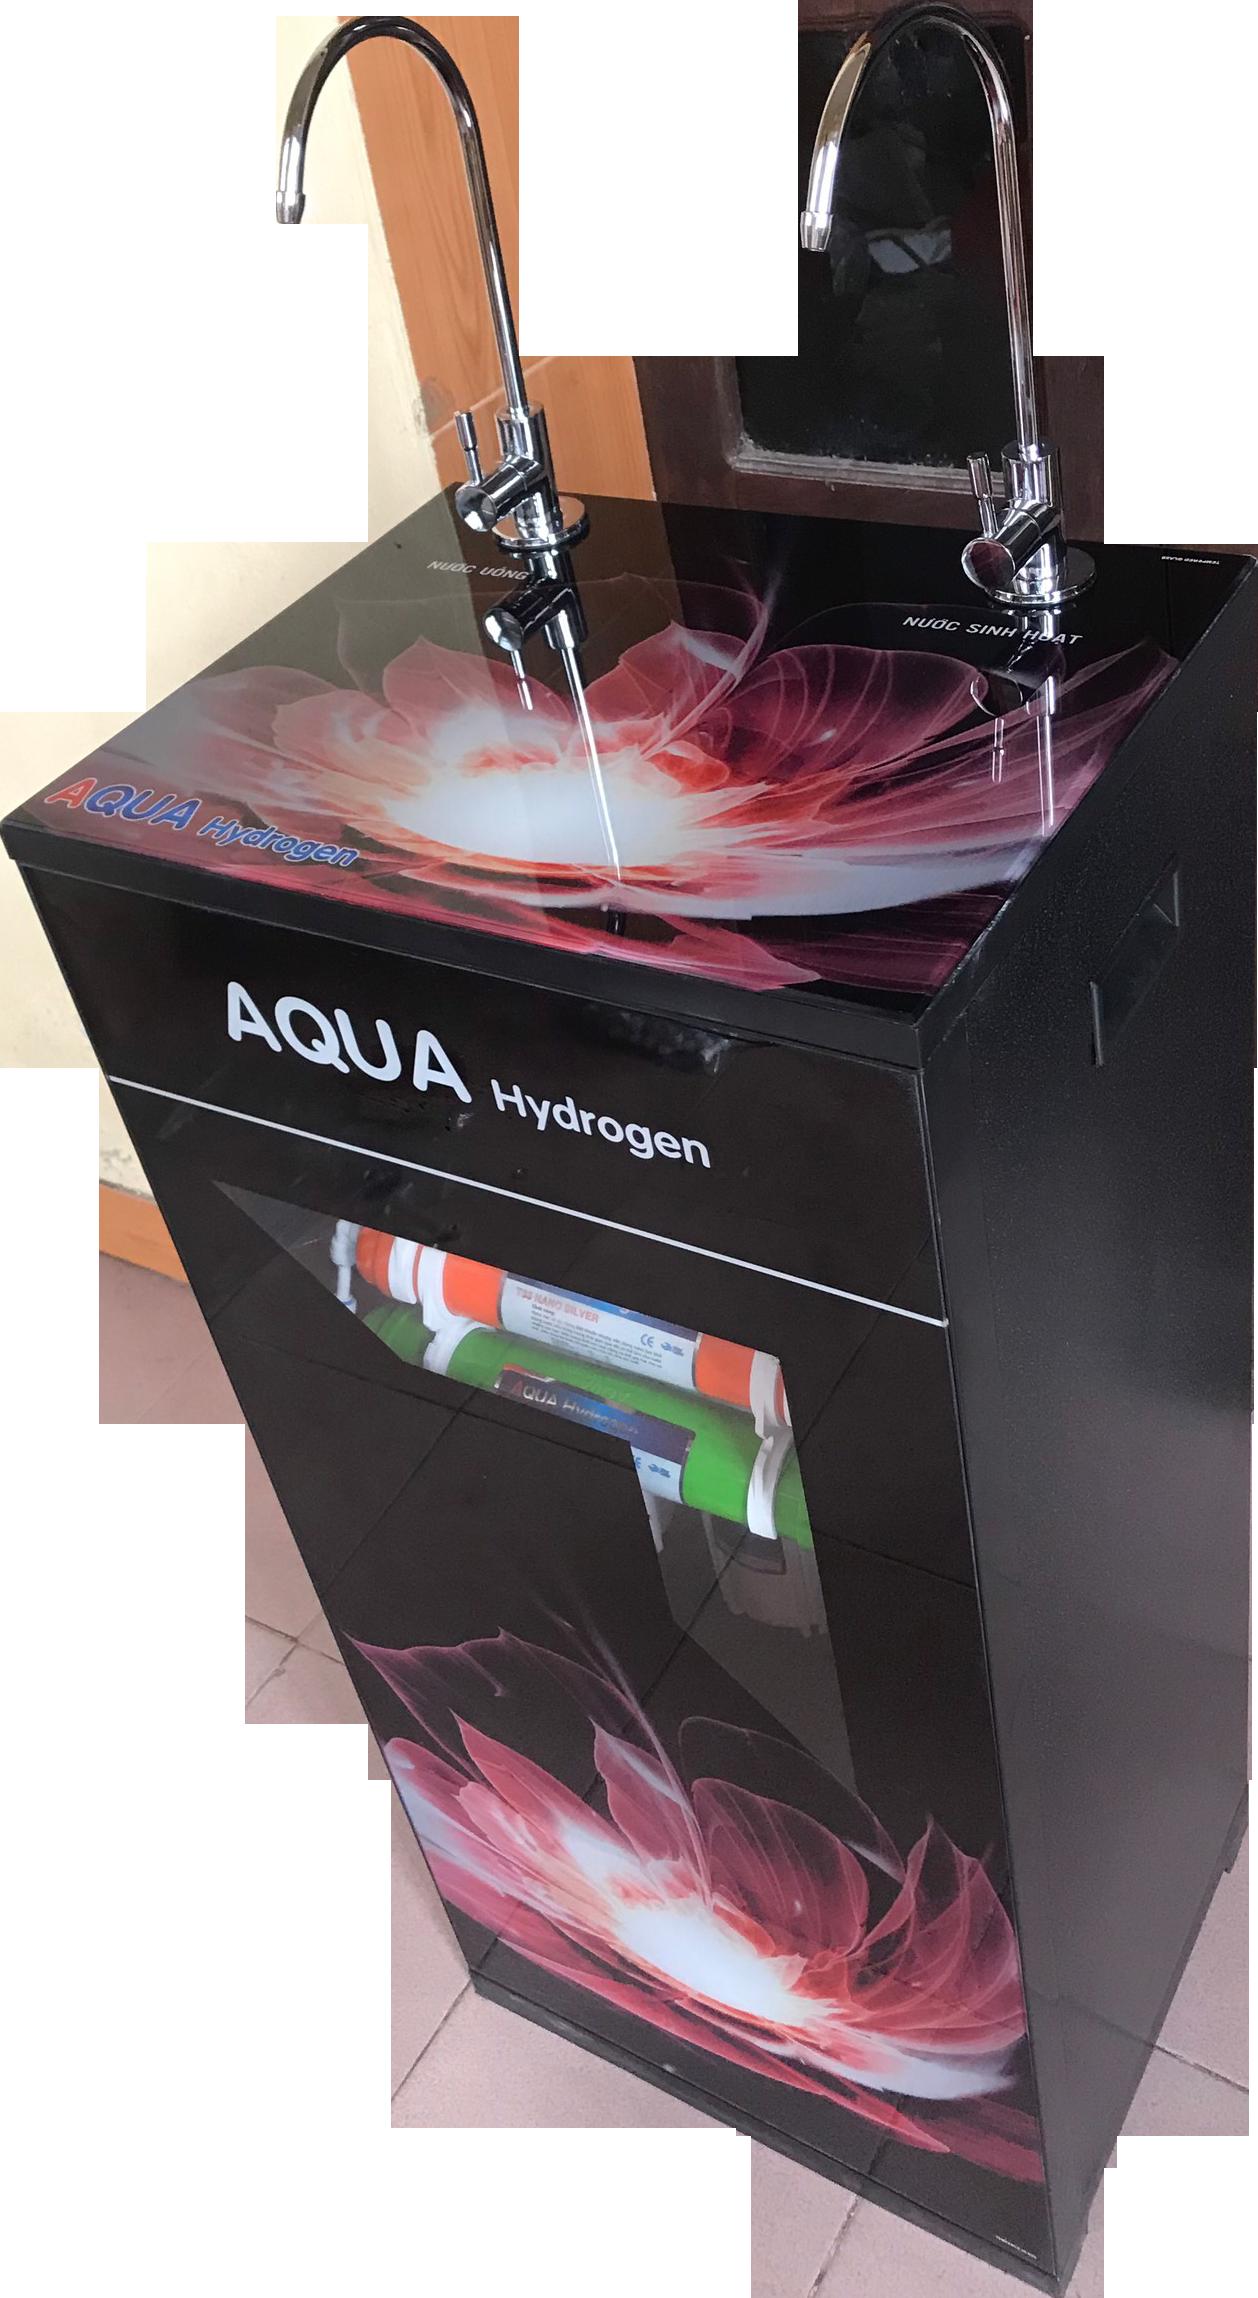 Aqua 2 voi 06